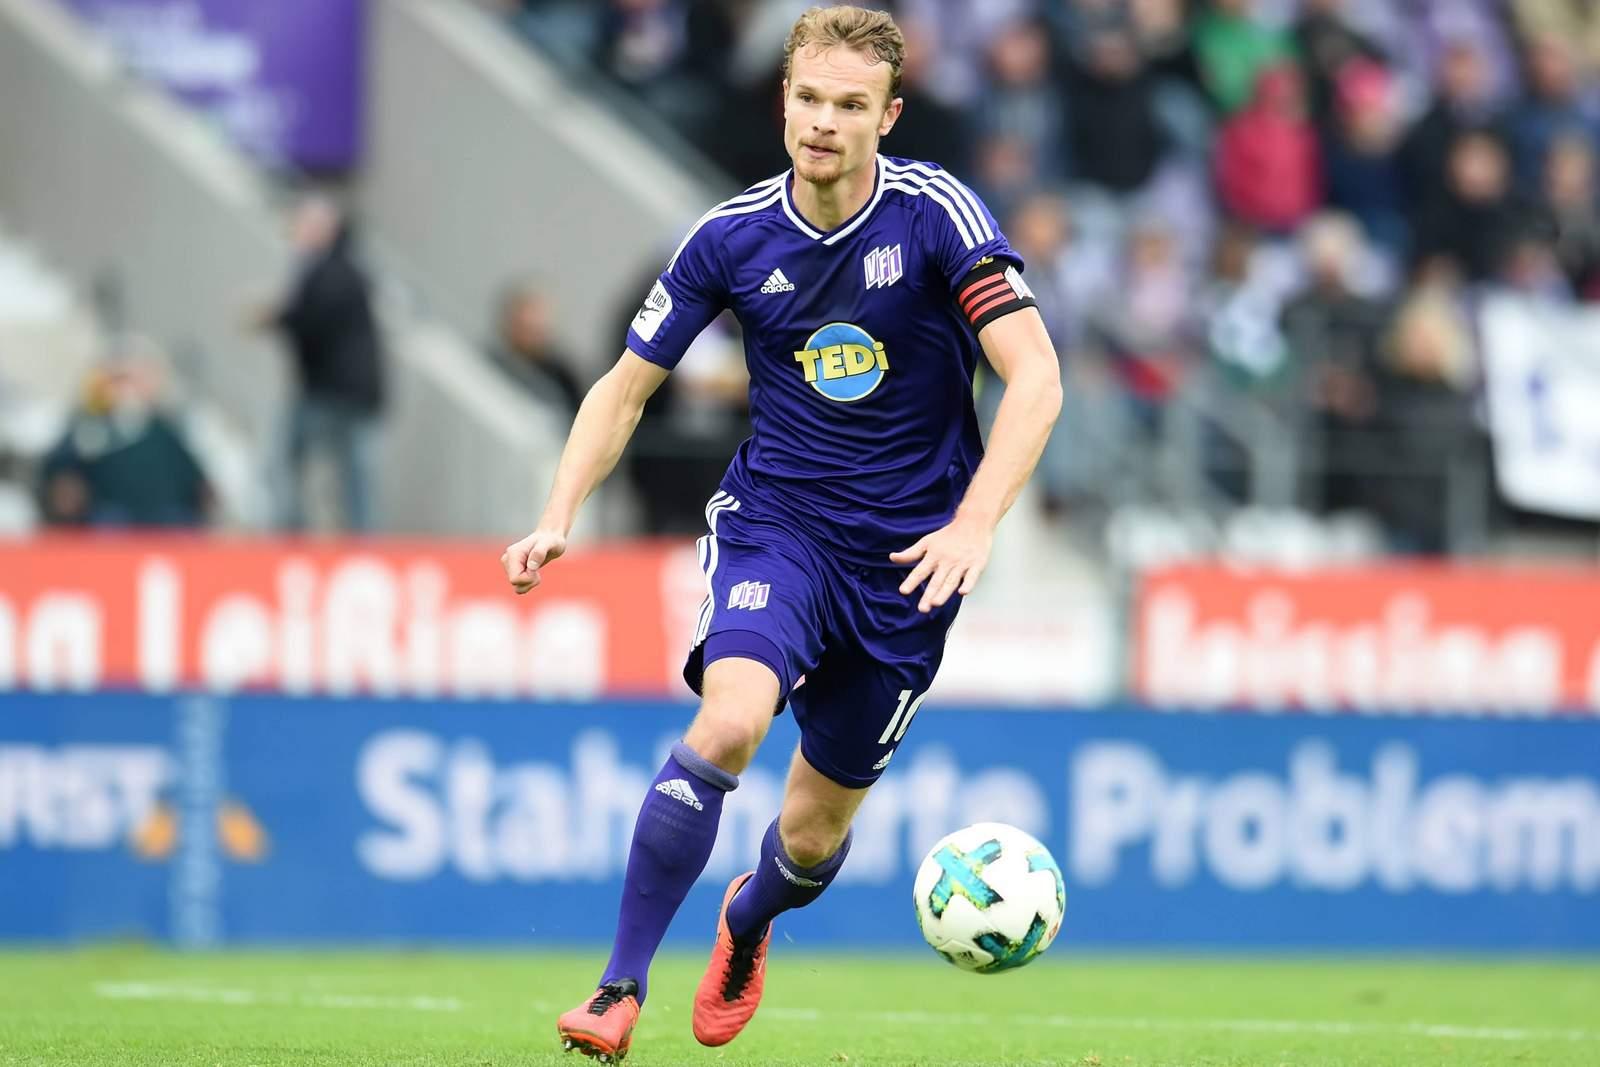 Christian Groß am Ball für den VfL Osnabrück